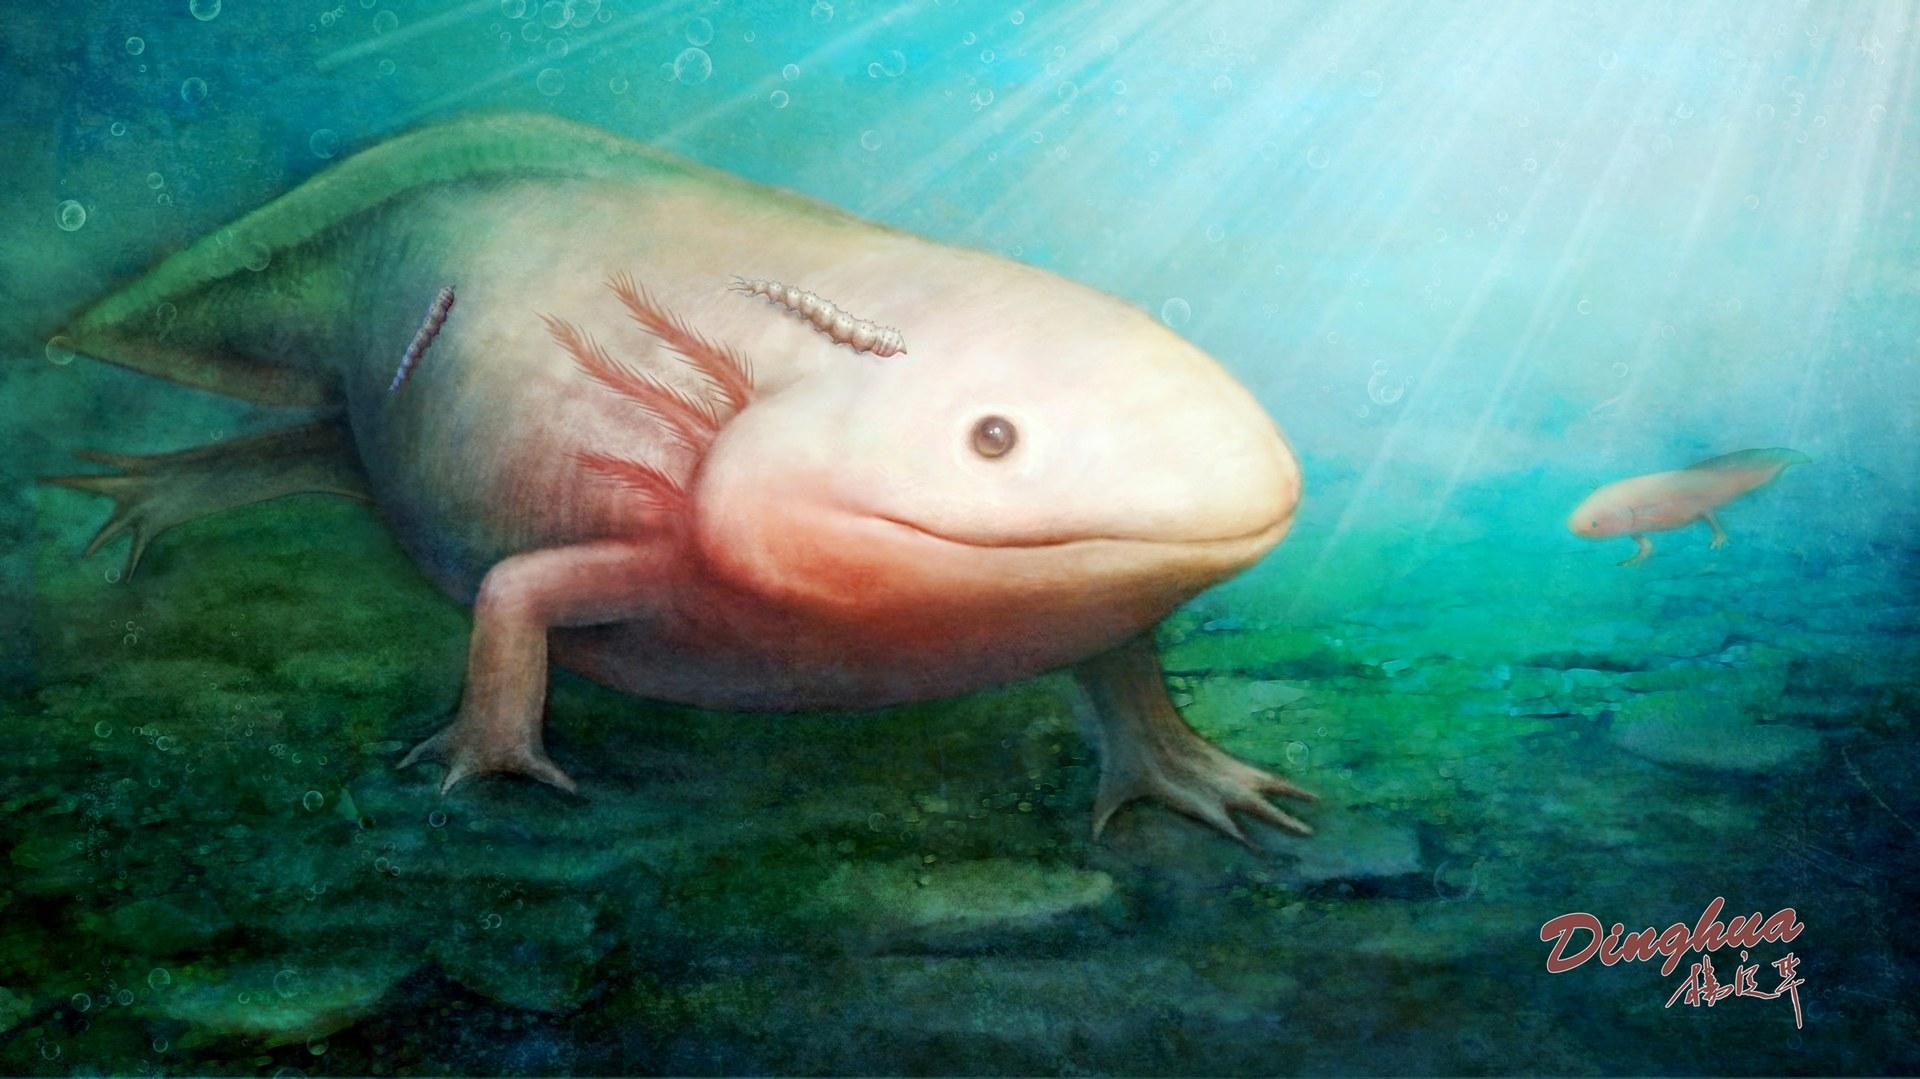 Salamander dienten als Wirt: